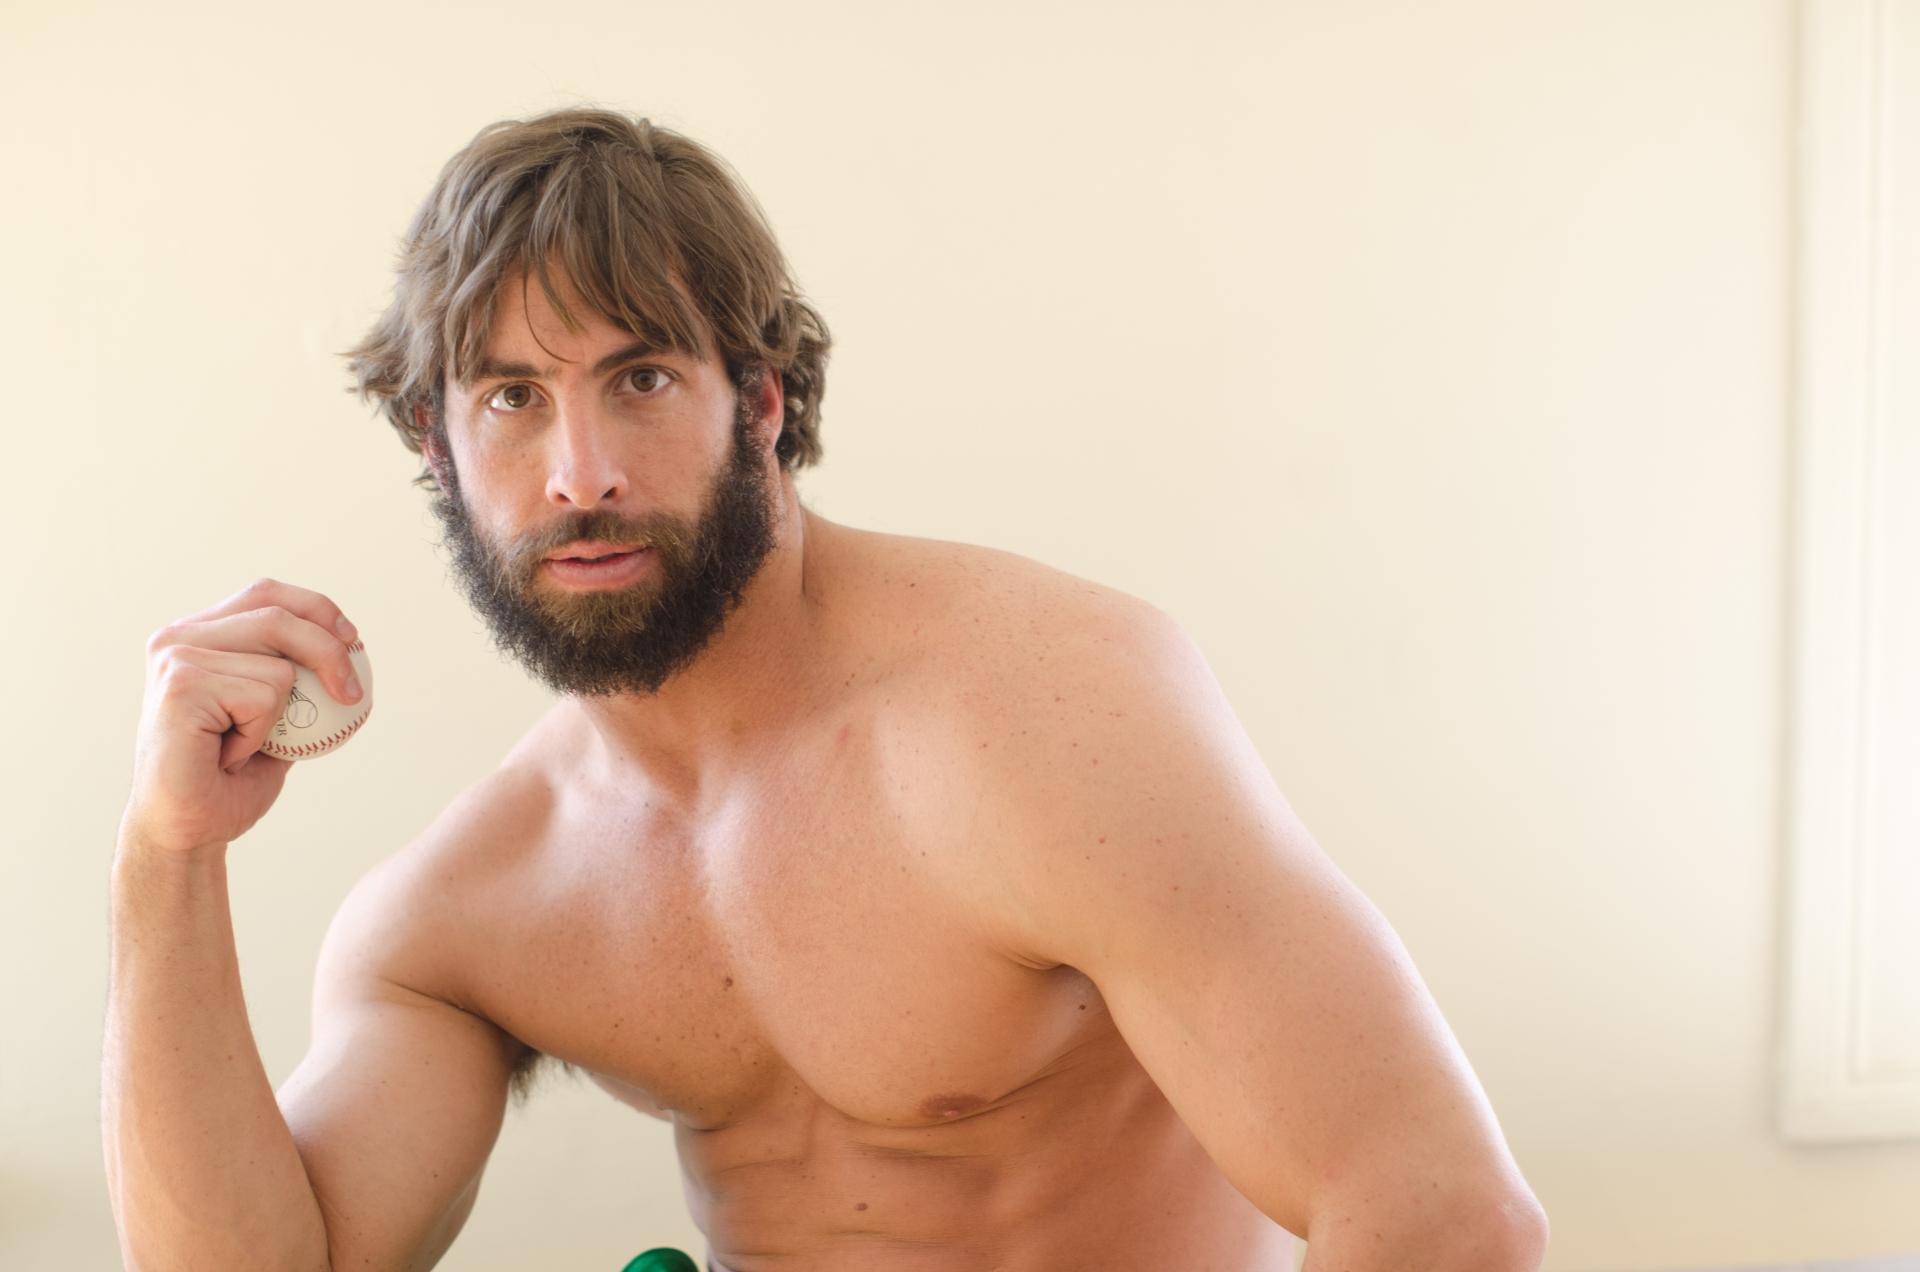 薄毛の人は性欲が強いって本当?抜け毛・ハゲとエロの関係性とは